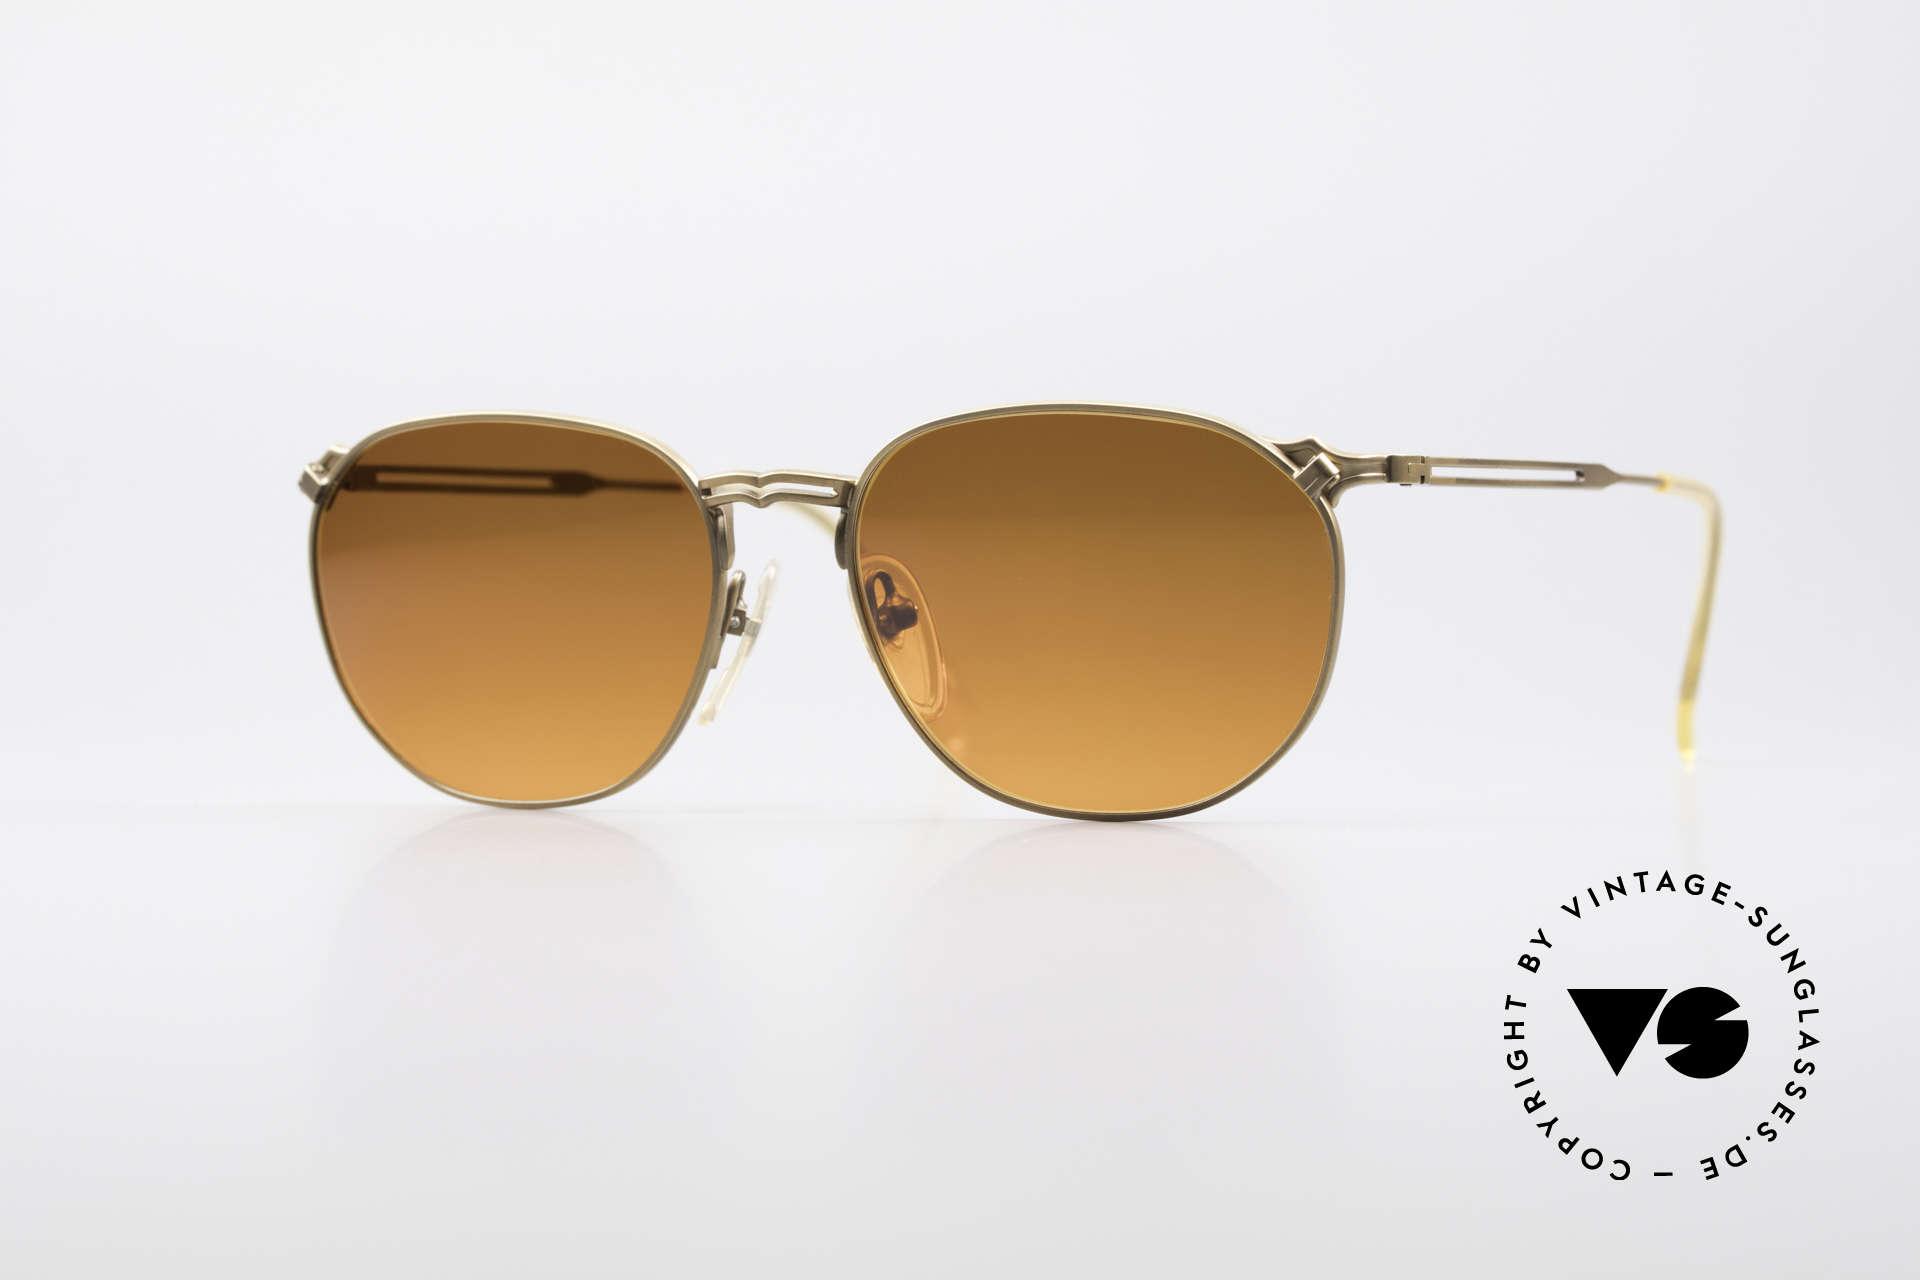 Jean Paul Gaultier 55-2173 90er Designer Sonnenbrille, interessante vintage GAULTIER Designersonnenbrille, Passend für Herren und Damen